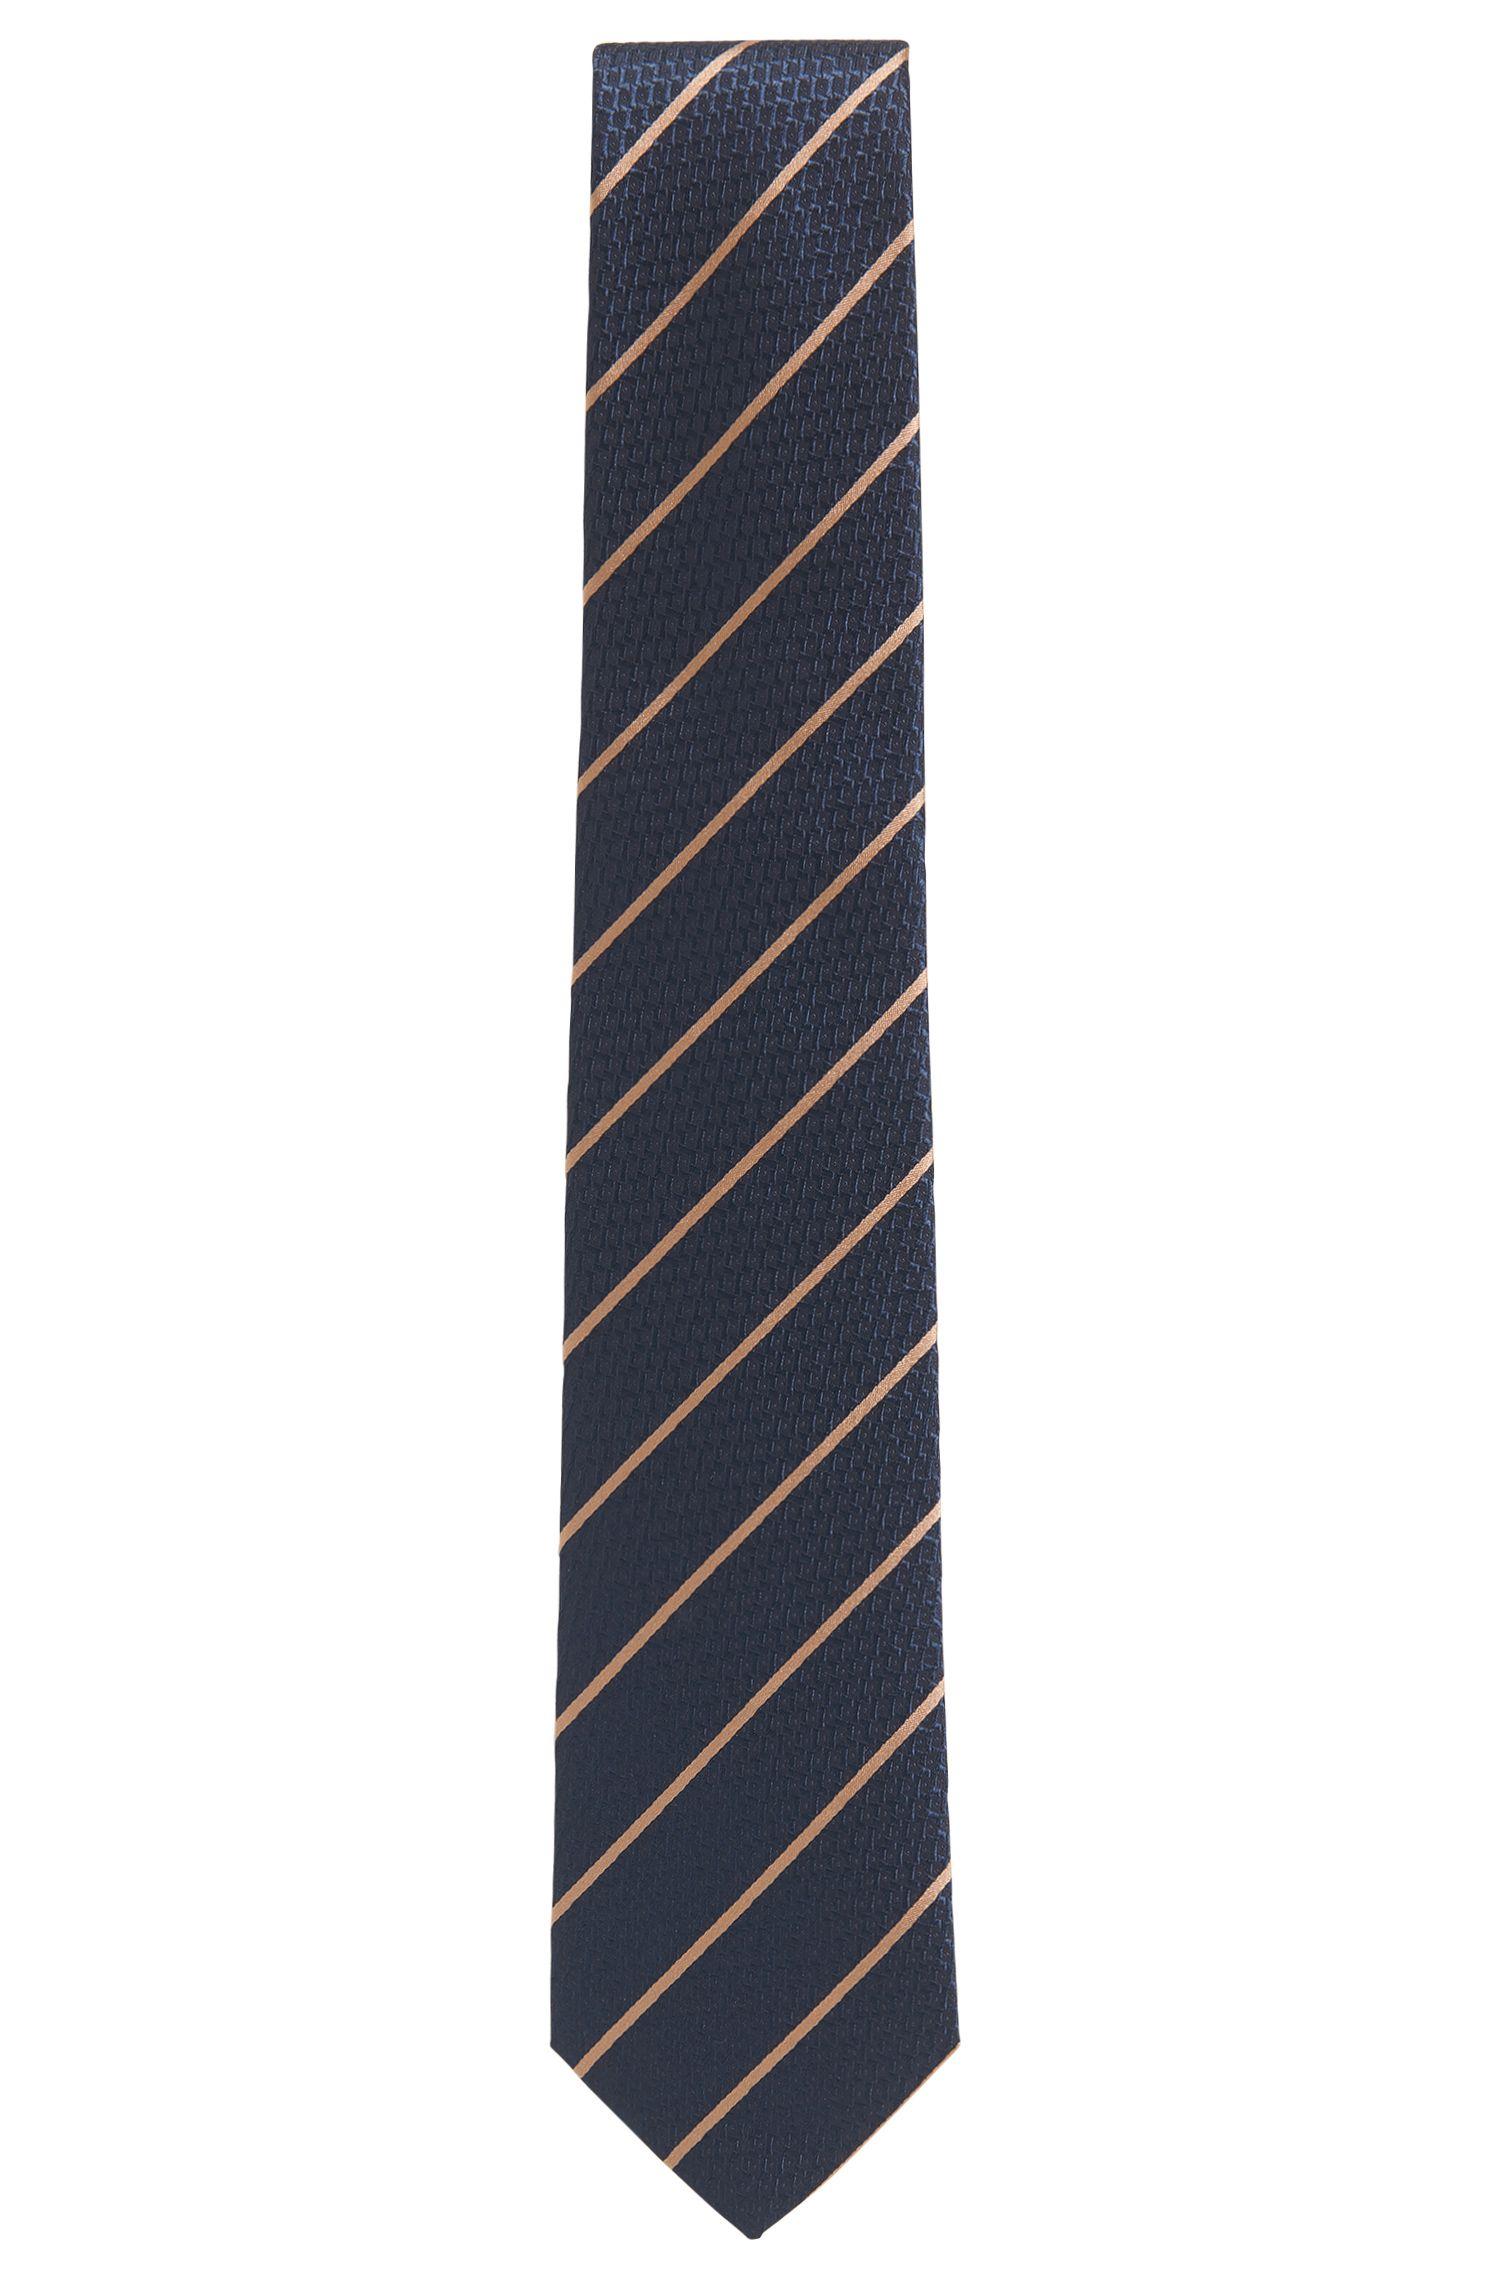 Cravate en jacquard de soie texturé à rayures en diagonale